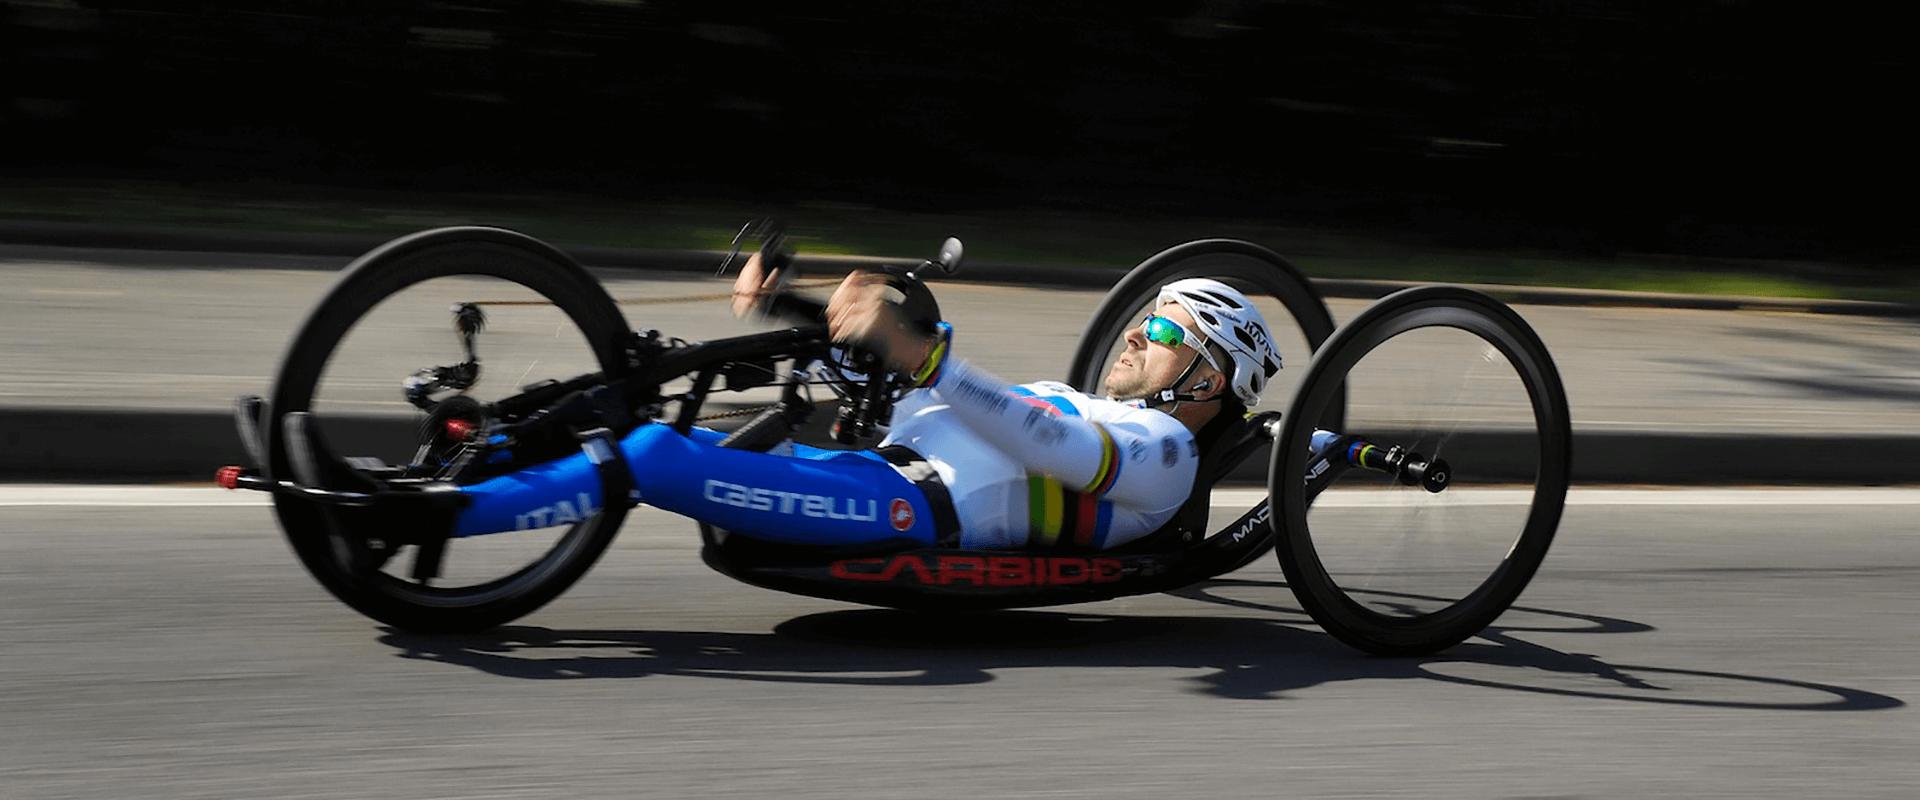 ruote handbike in carbonio competizione